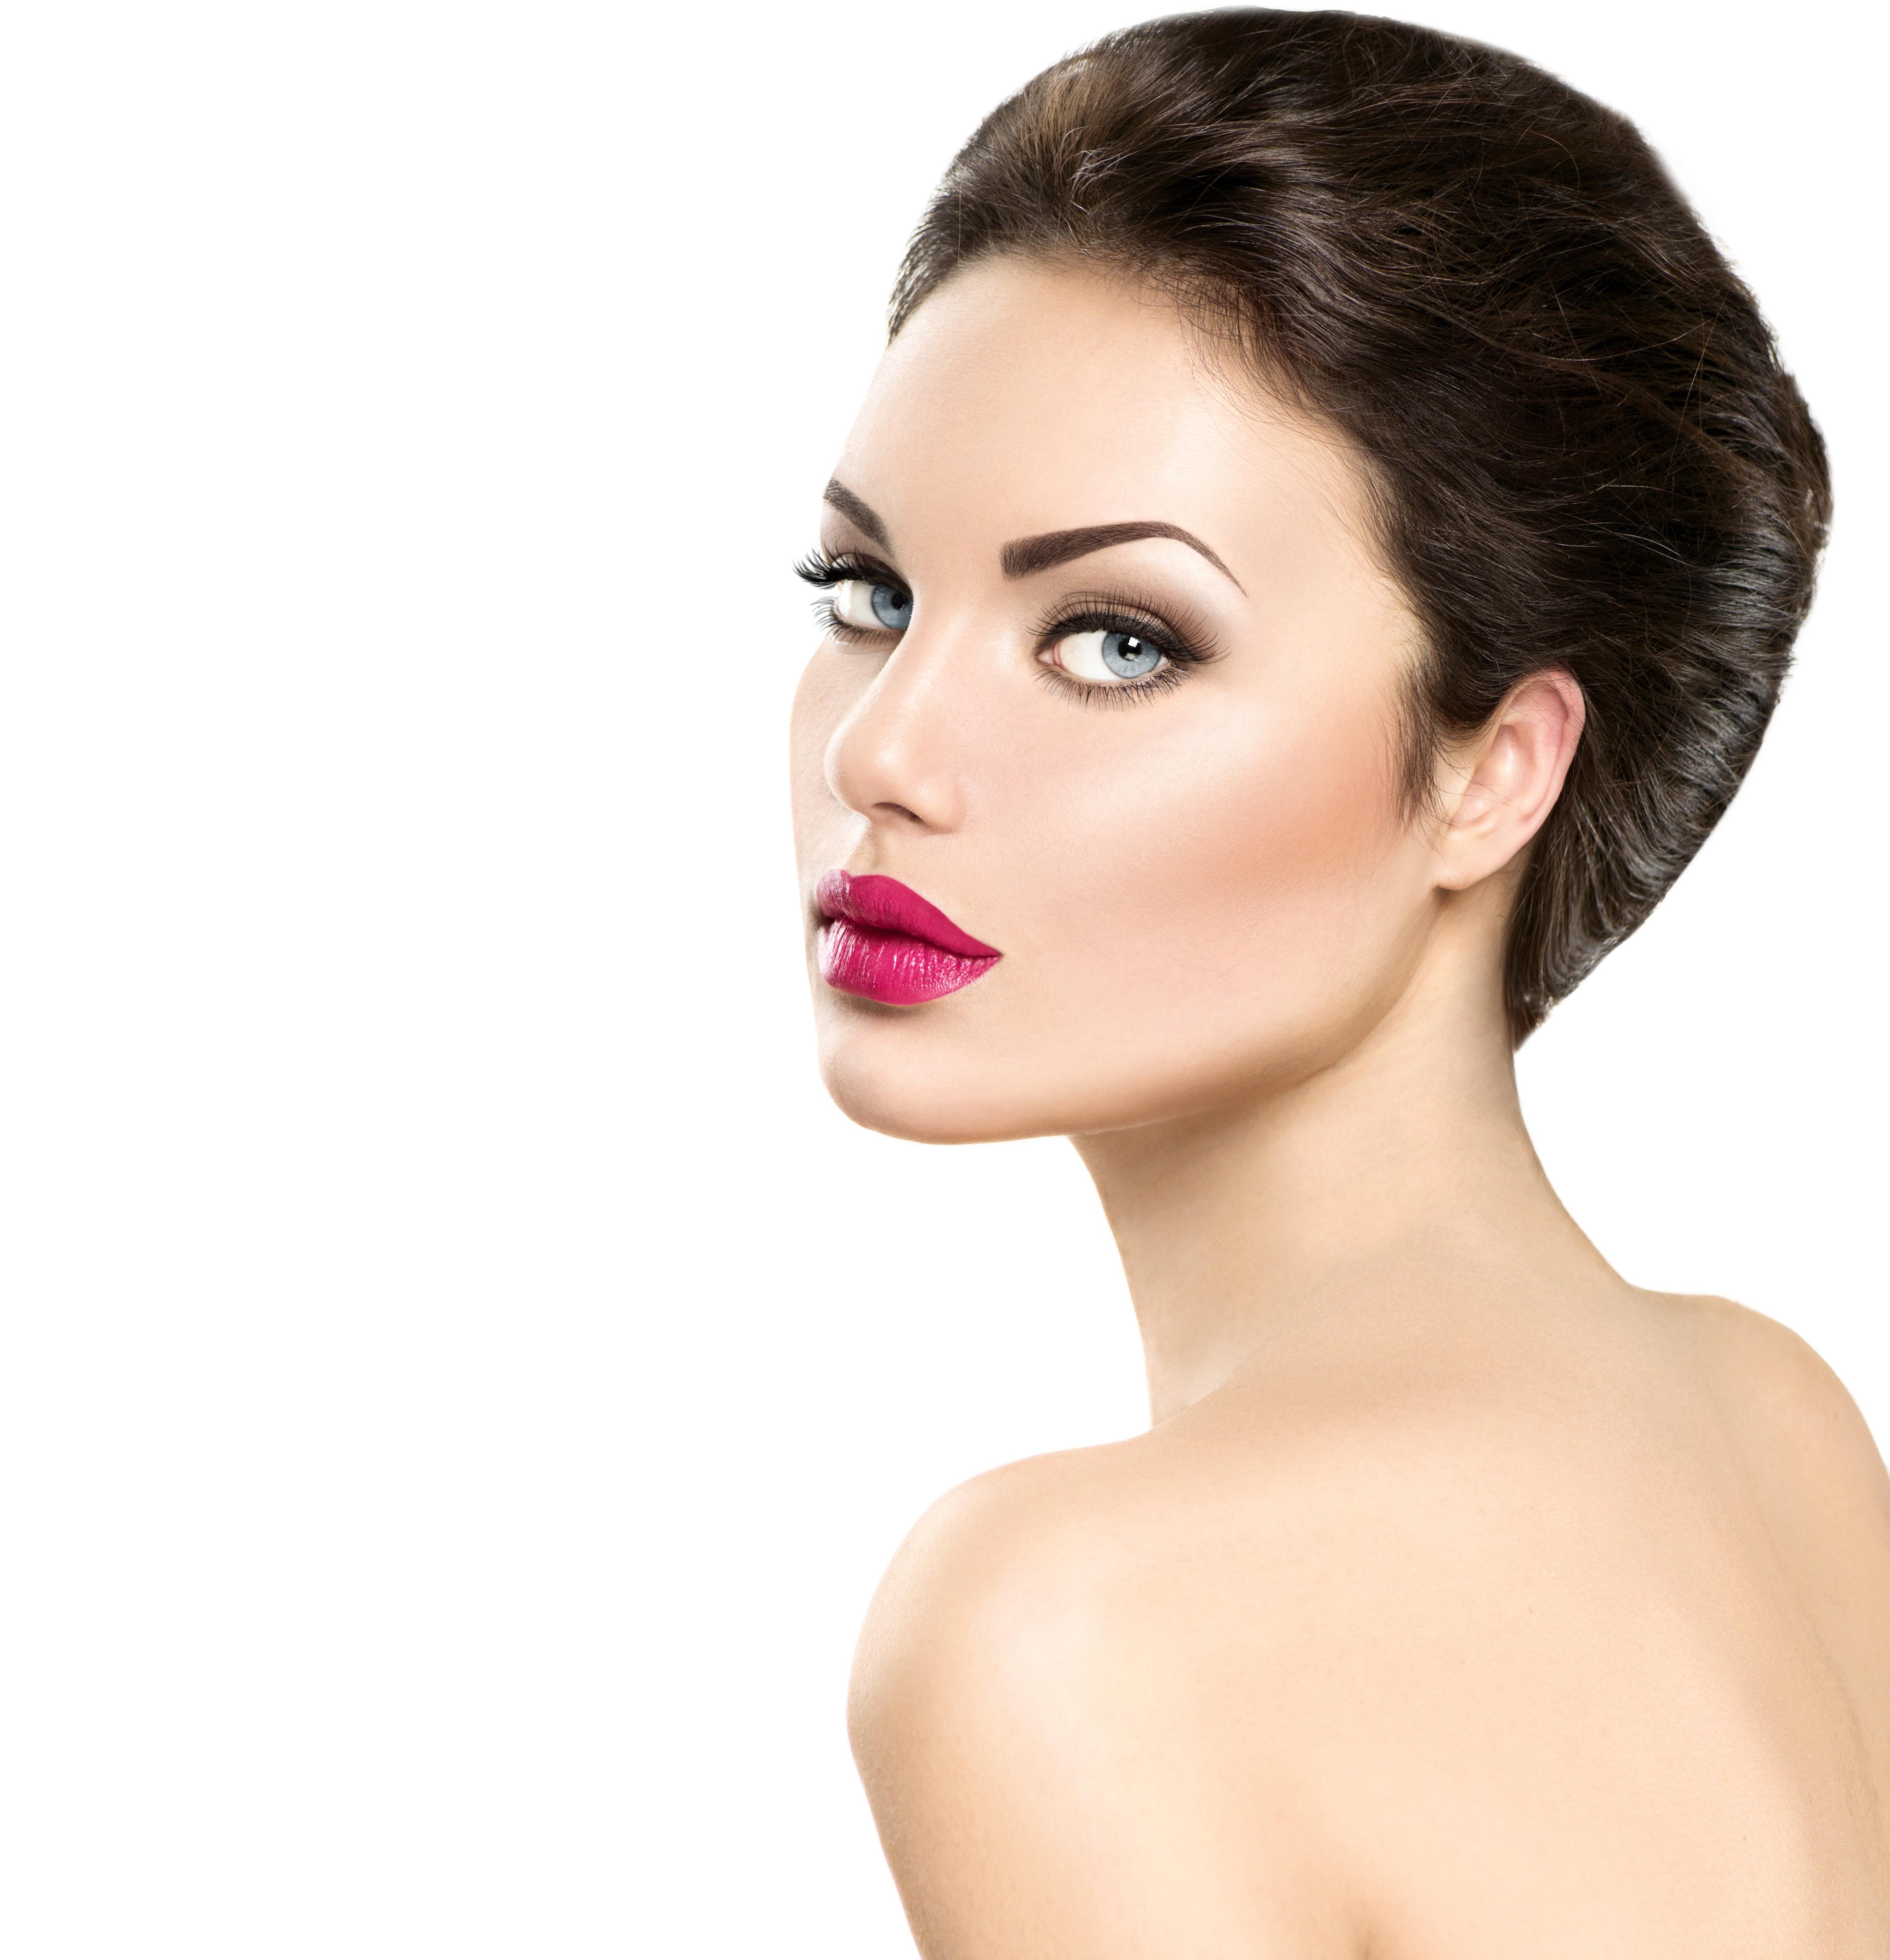 Célèbre Un Look Glamour avec un Rouge à Lèvres Rose Fushia – MAQUILLAGE.LIVE CK78